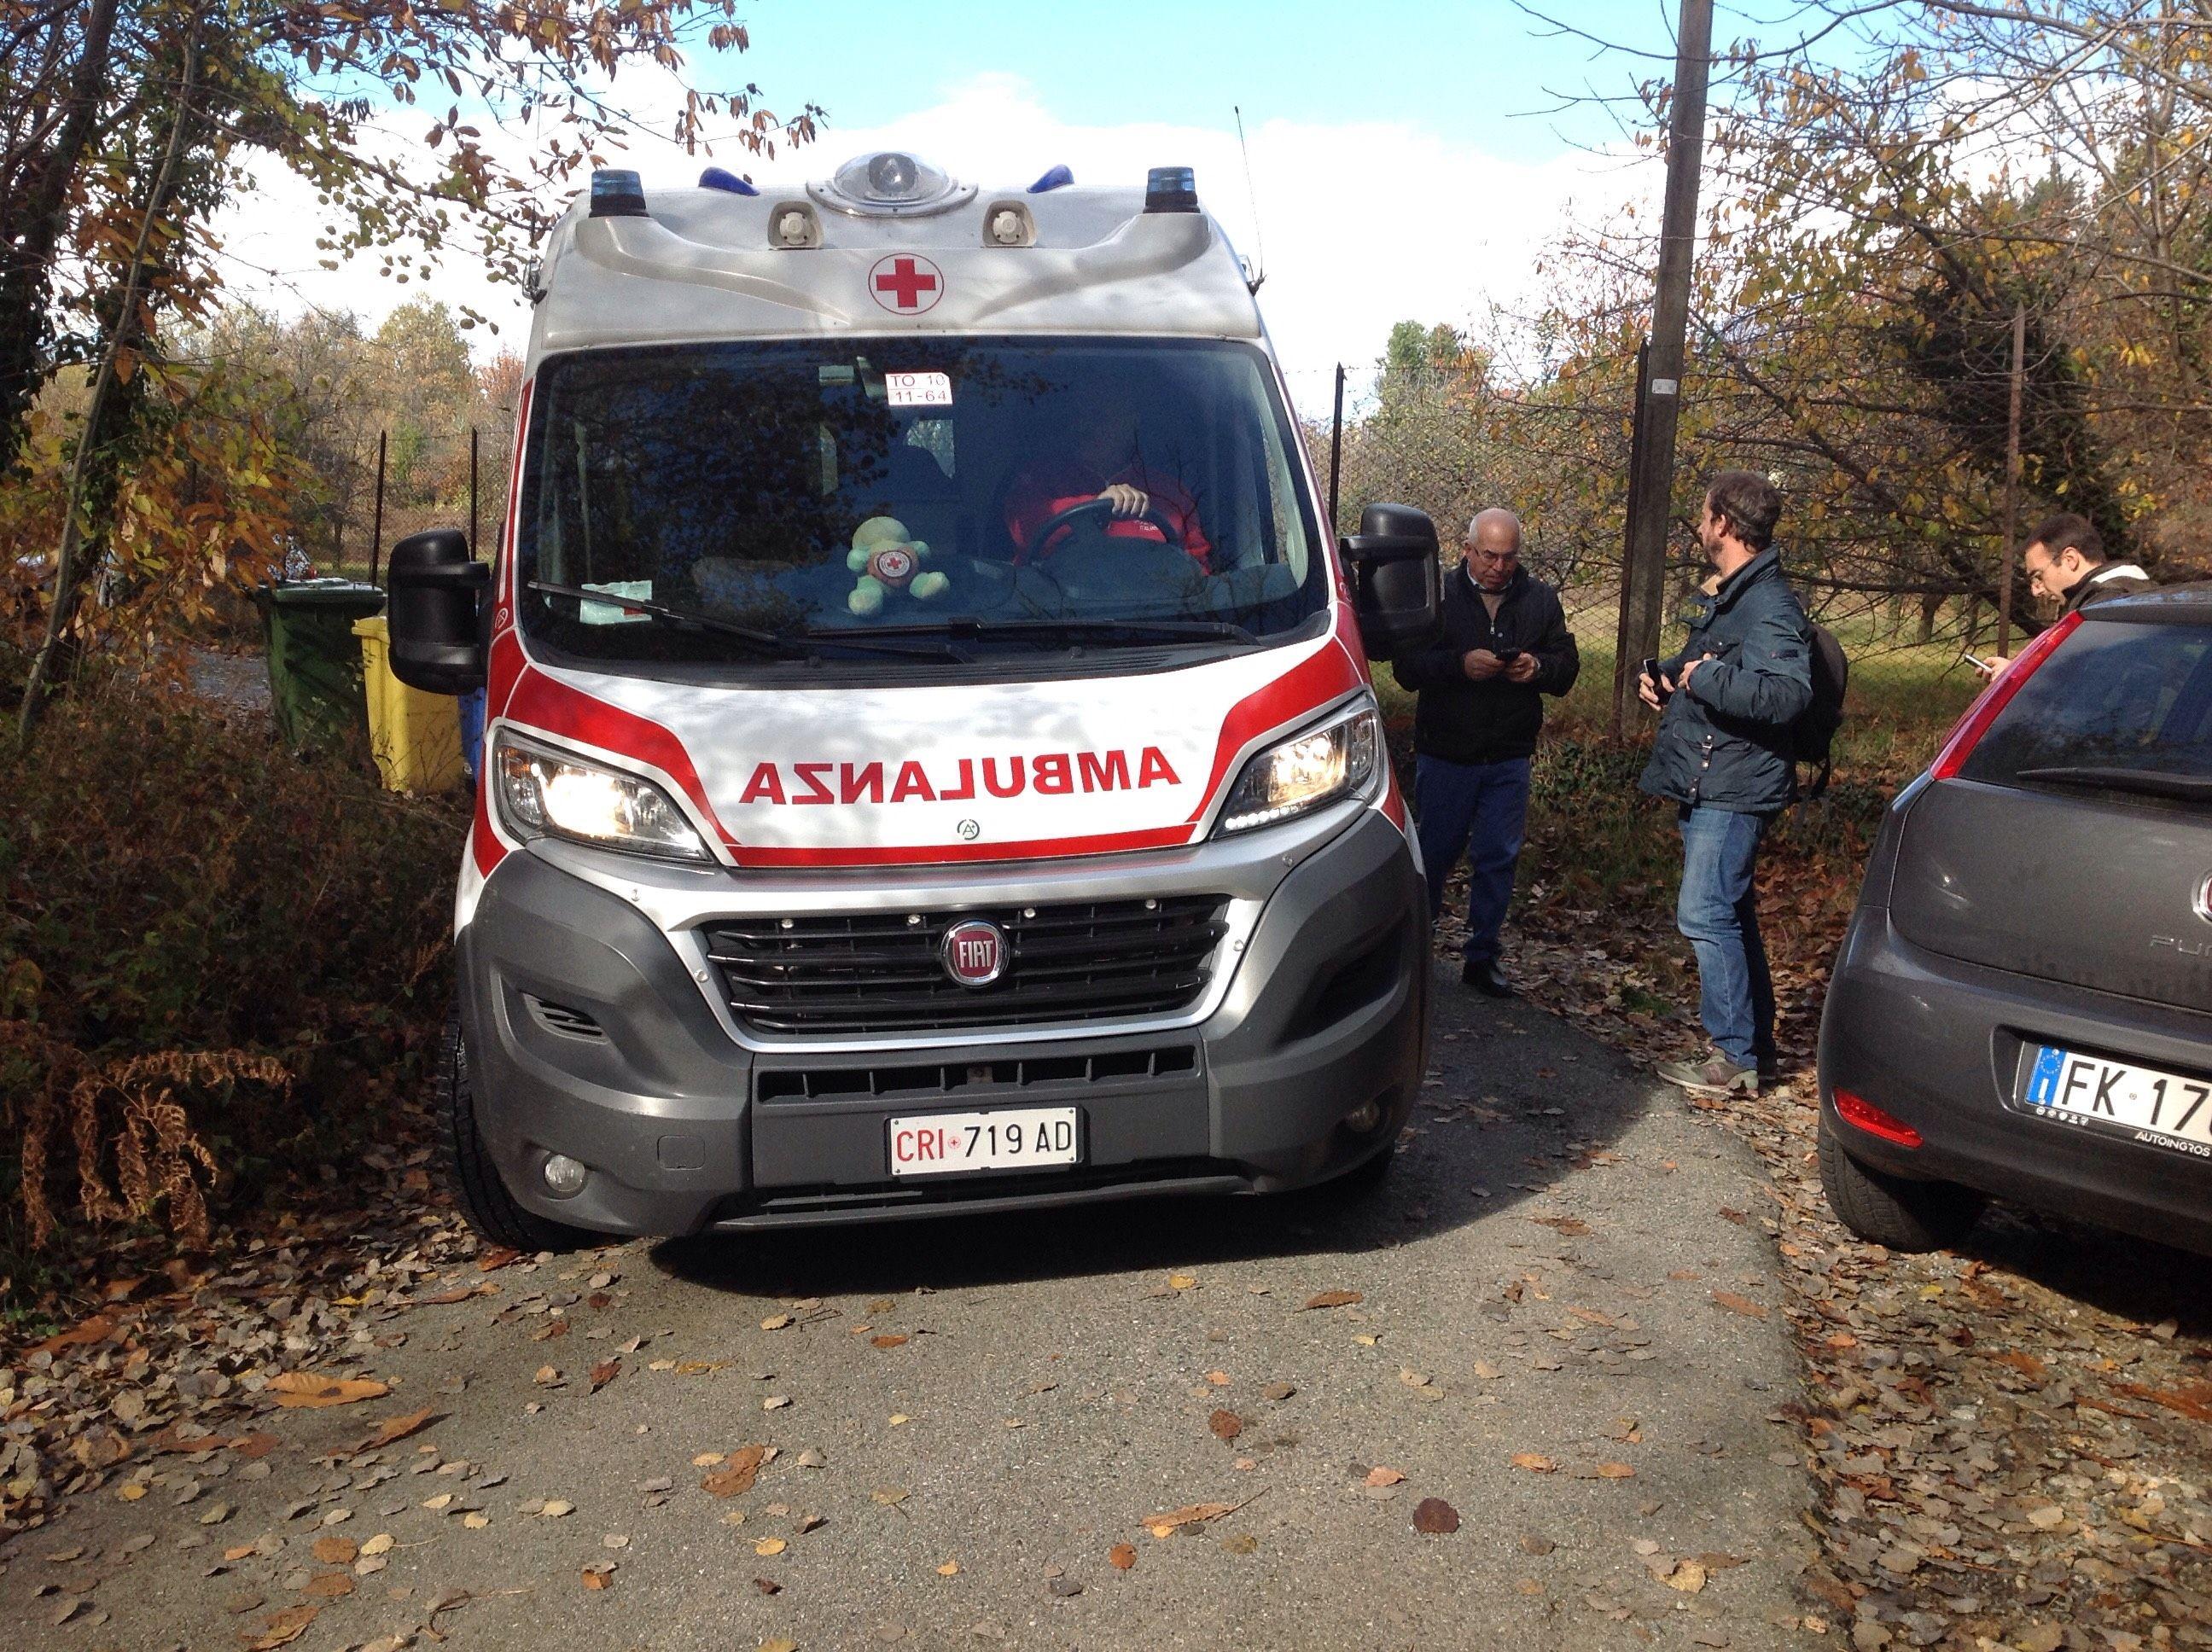 OMICIDIO DI SPINETO - Giovedì i funerali di Mauro Mattioda. Convalidato l'arresto della sorella